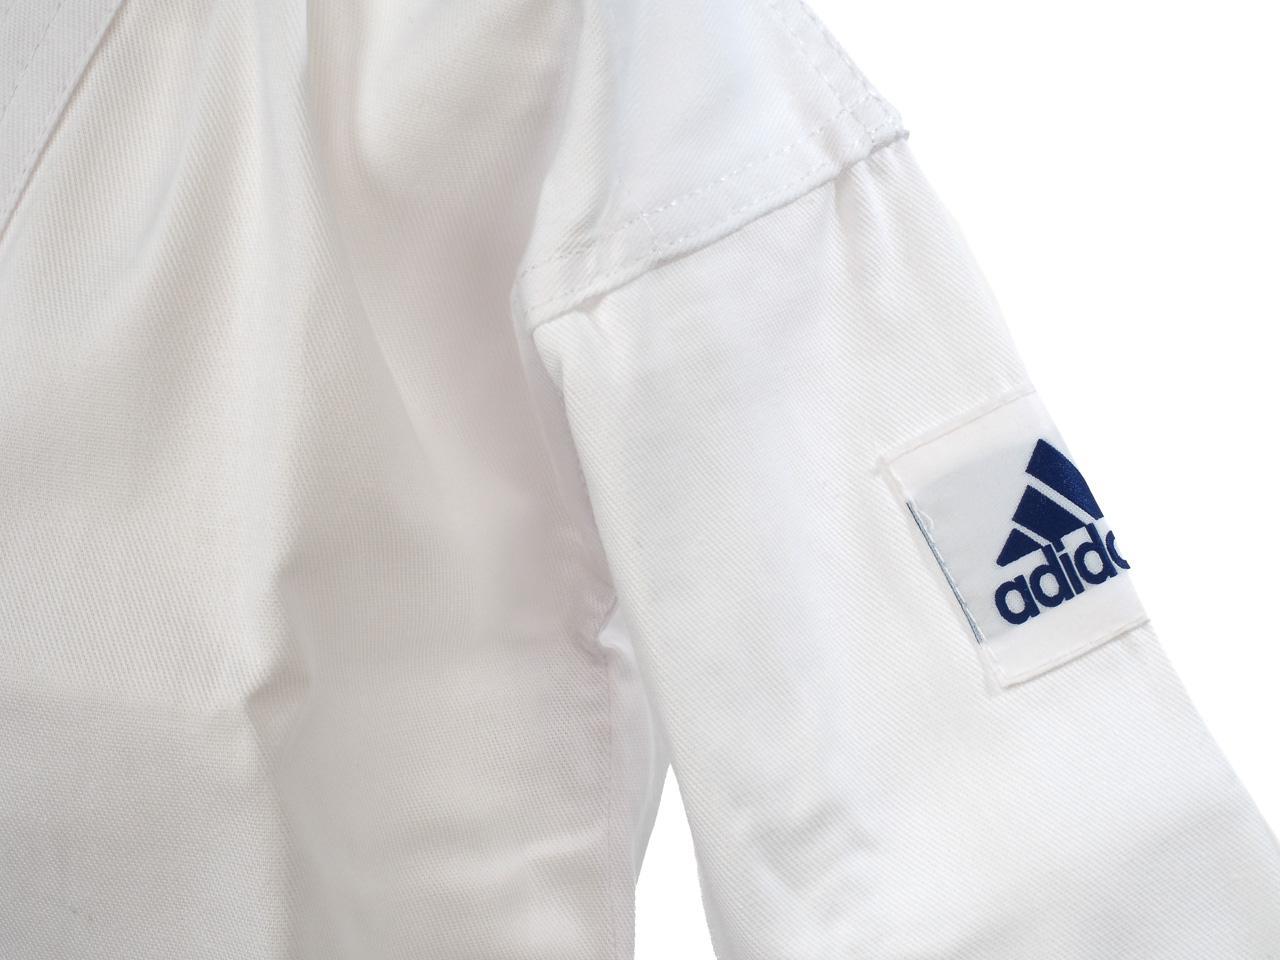 Kimono-of-Karate-Adidas-Evolution-White-Karate-Jr-White-23064-New thumbnail 4